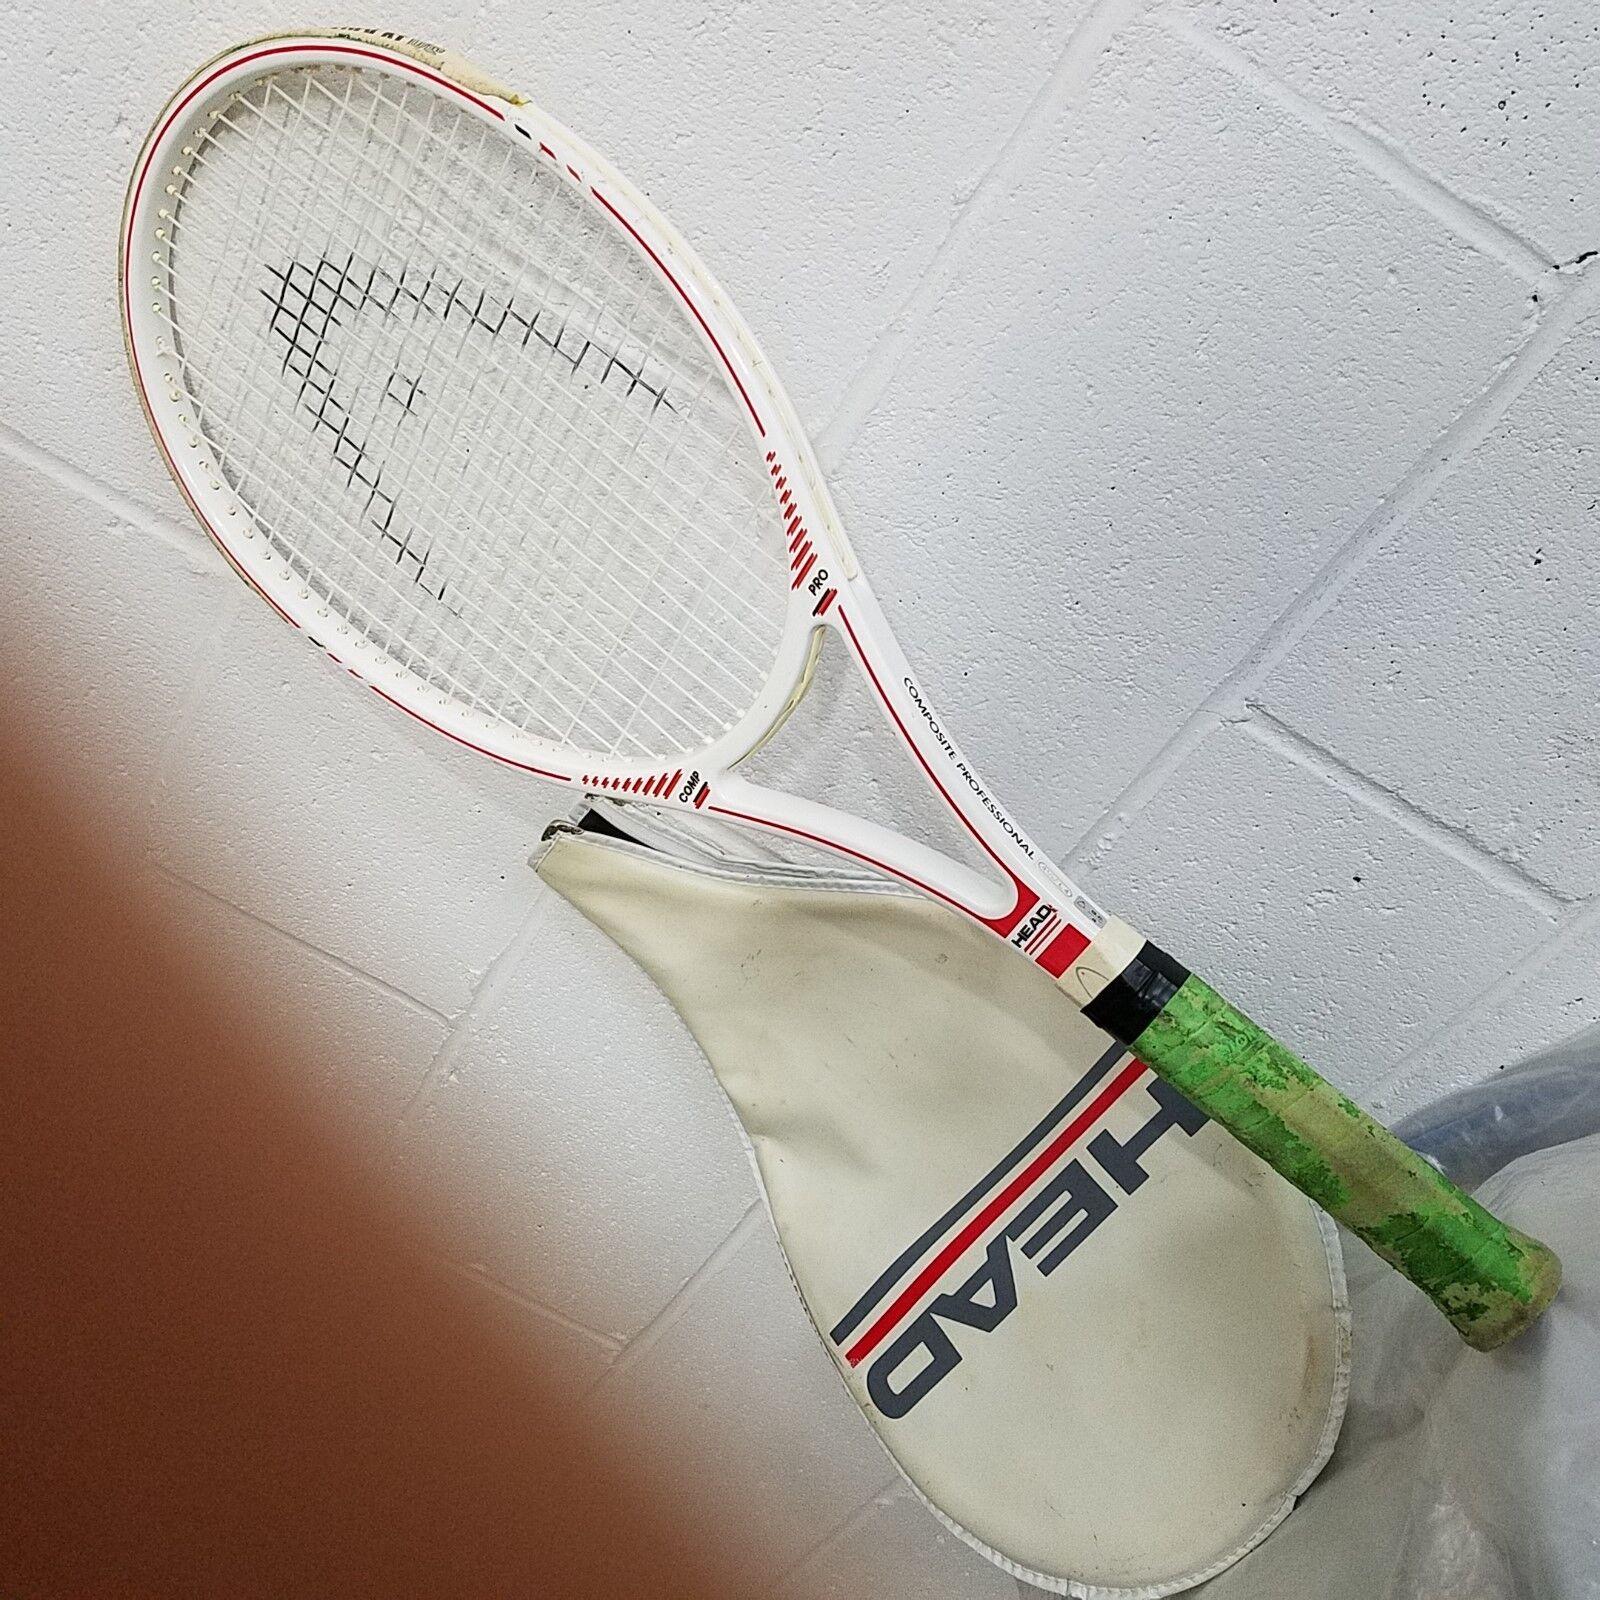 Cabeza  Comp Pro 89.5 pulgadas cuadradas Raqueta De Tenis  4 Hecho En Austria Grip 4 1 2 Muy Bueno   de moda